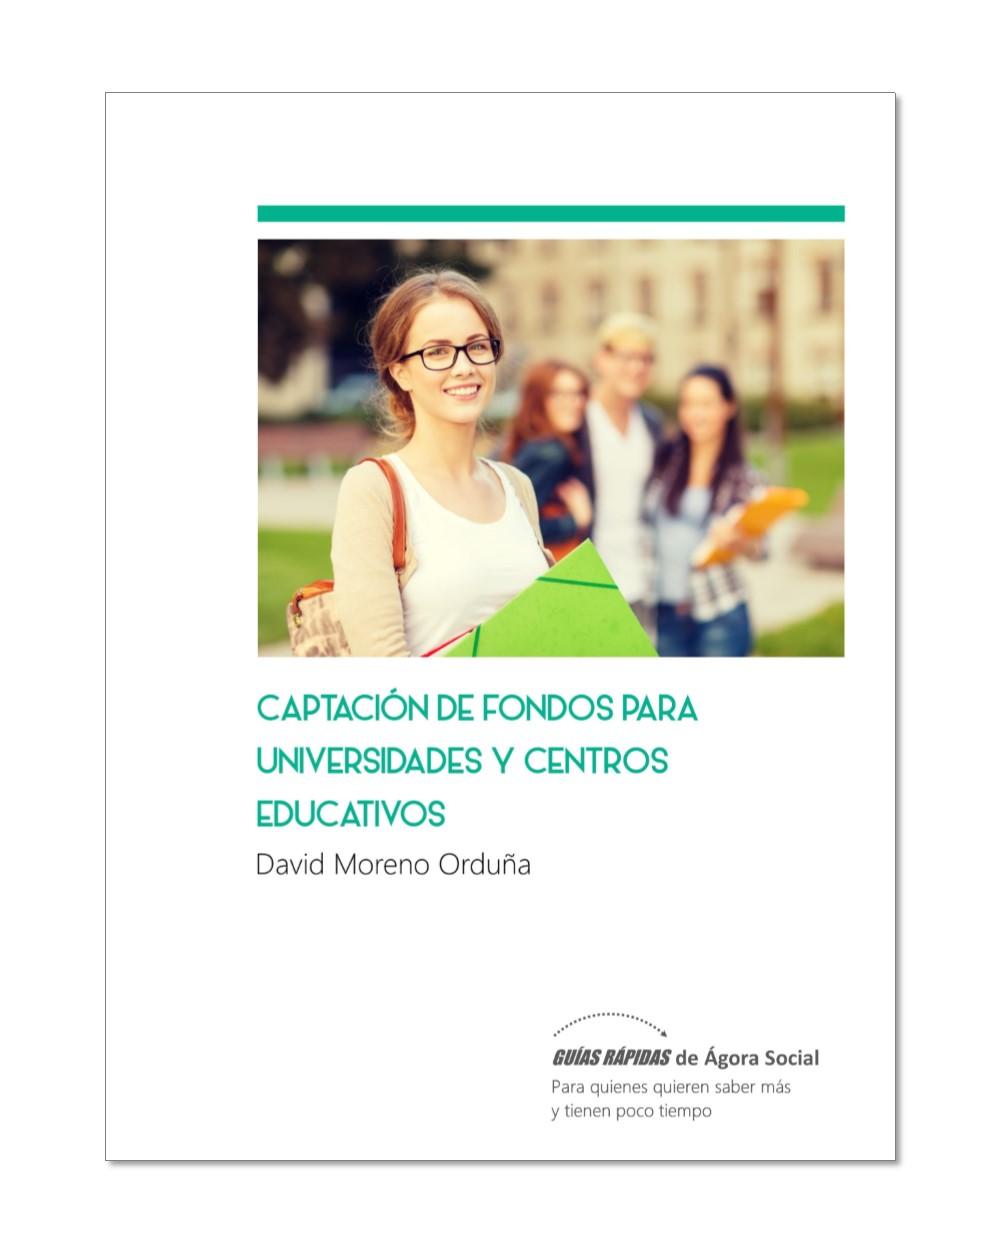 Fundraising para universidades